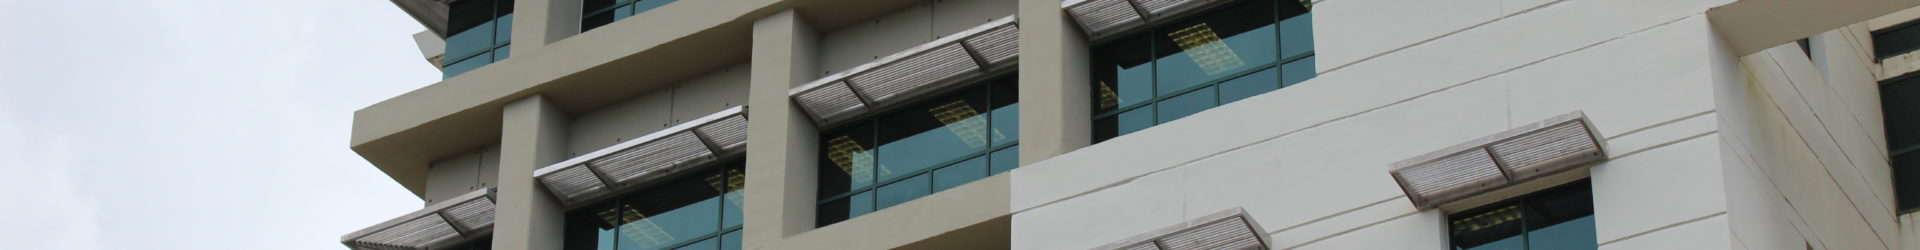 Plaza Universitaria desaloja a estudiantes sin aviso previo